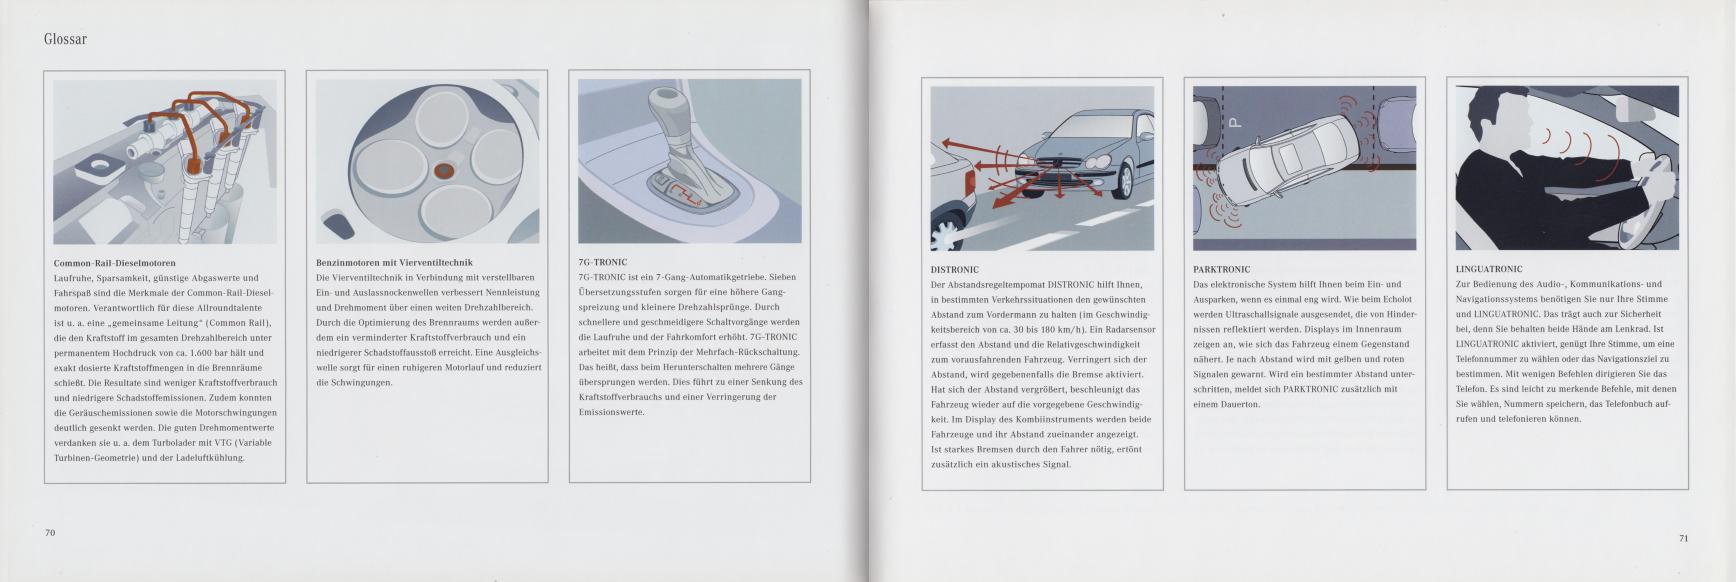 (A/C209): Catálogo 2007 - alemão 036